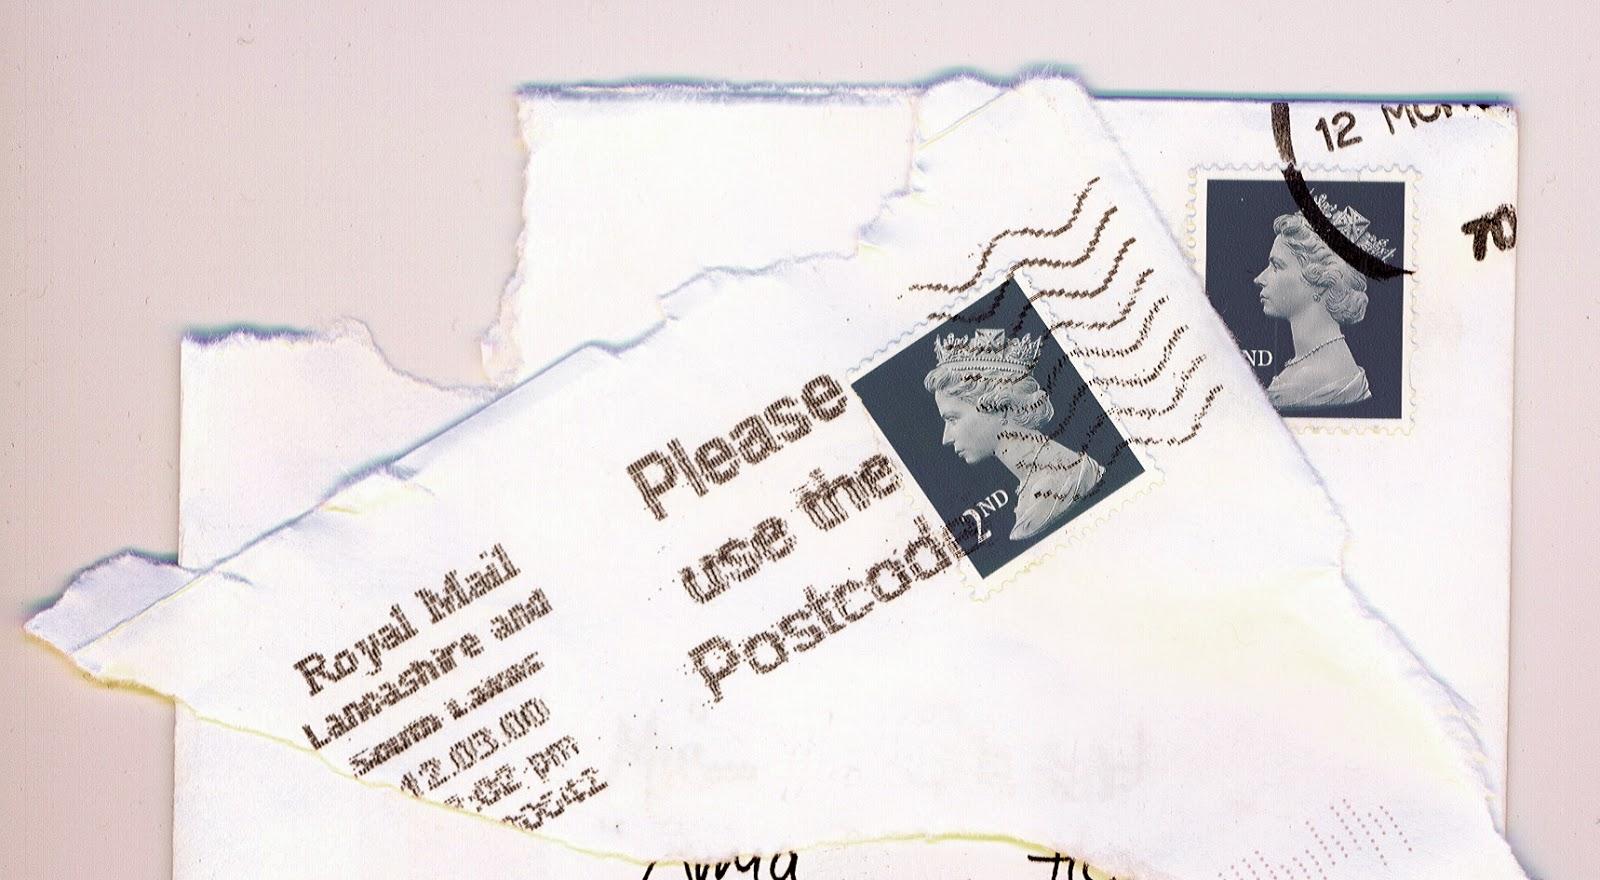 perbedaan antara cover letter dengan application letter